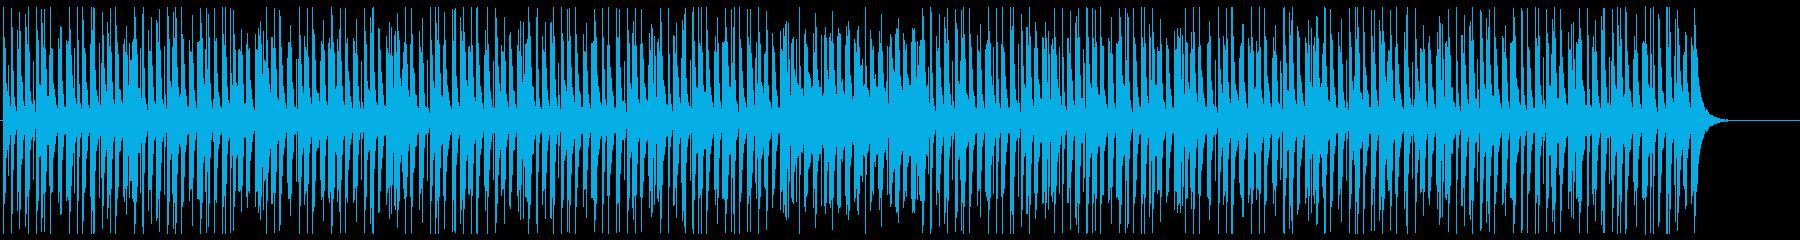 【掛け声なし】和風でコミカルな雰囲気の三の再生済みの波形